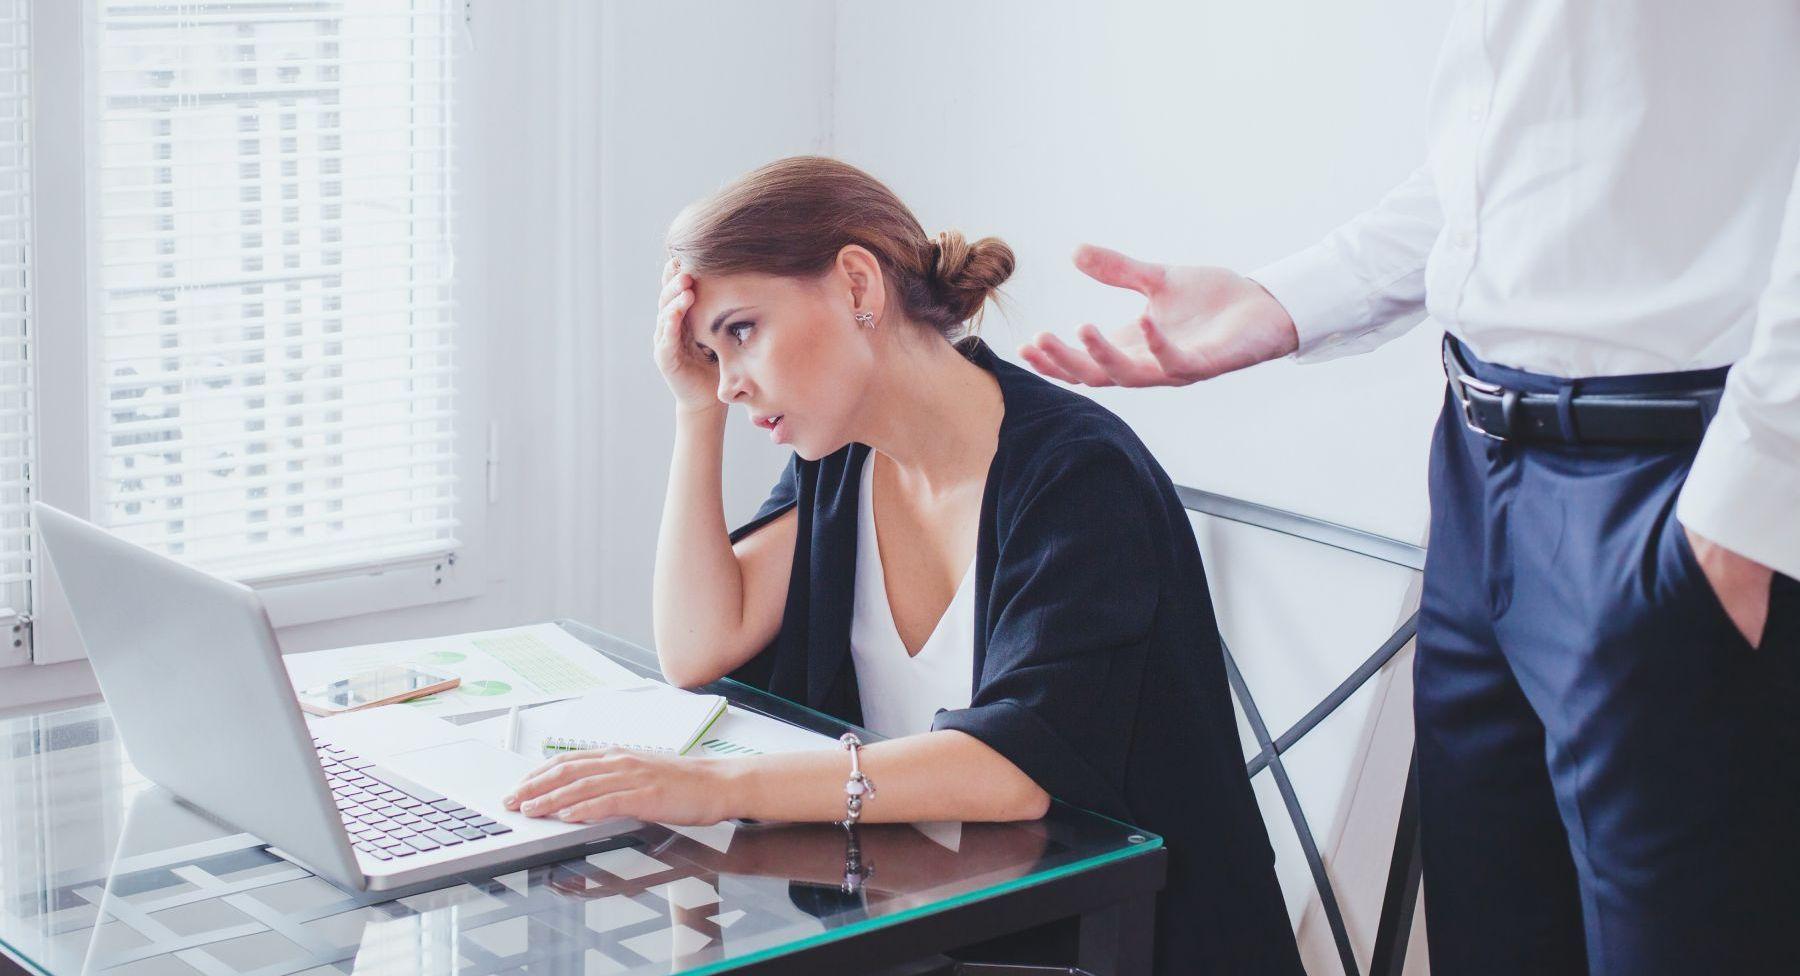 舊主管說行,新主管說不行,未經員工同意公司是否可以直接調動?